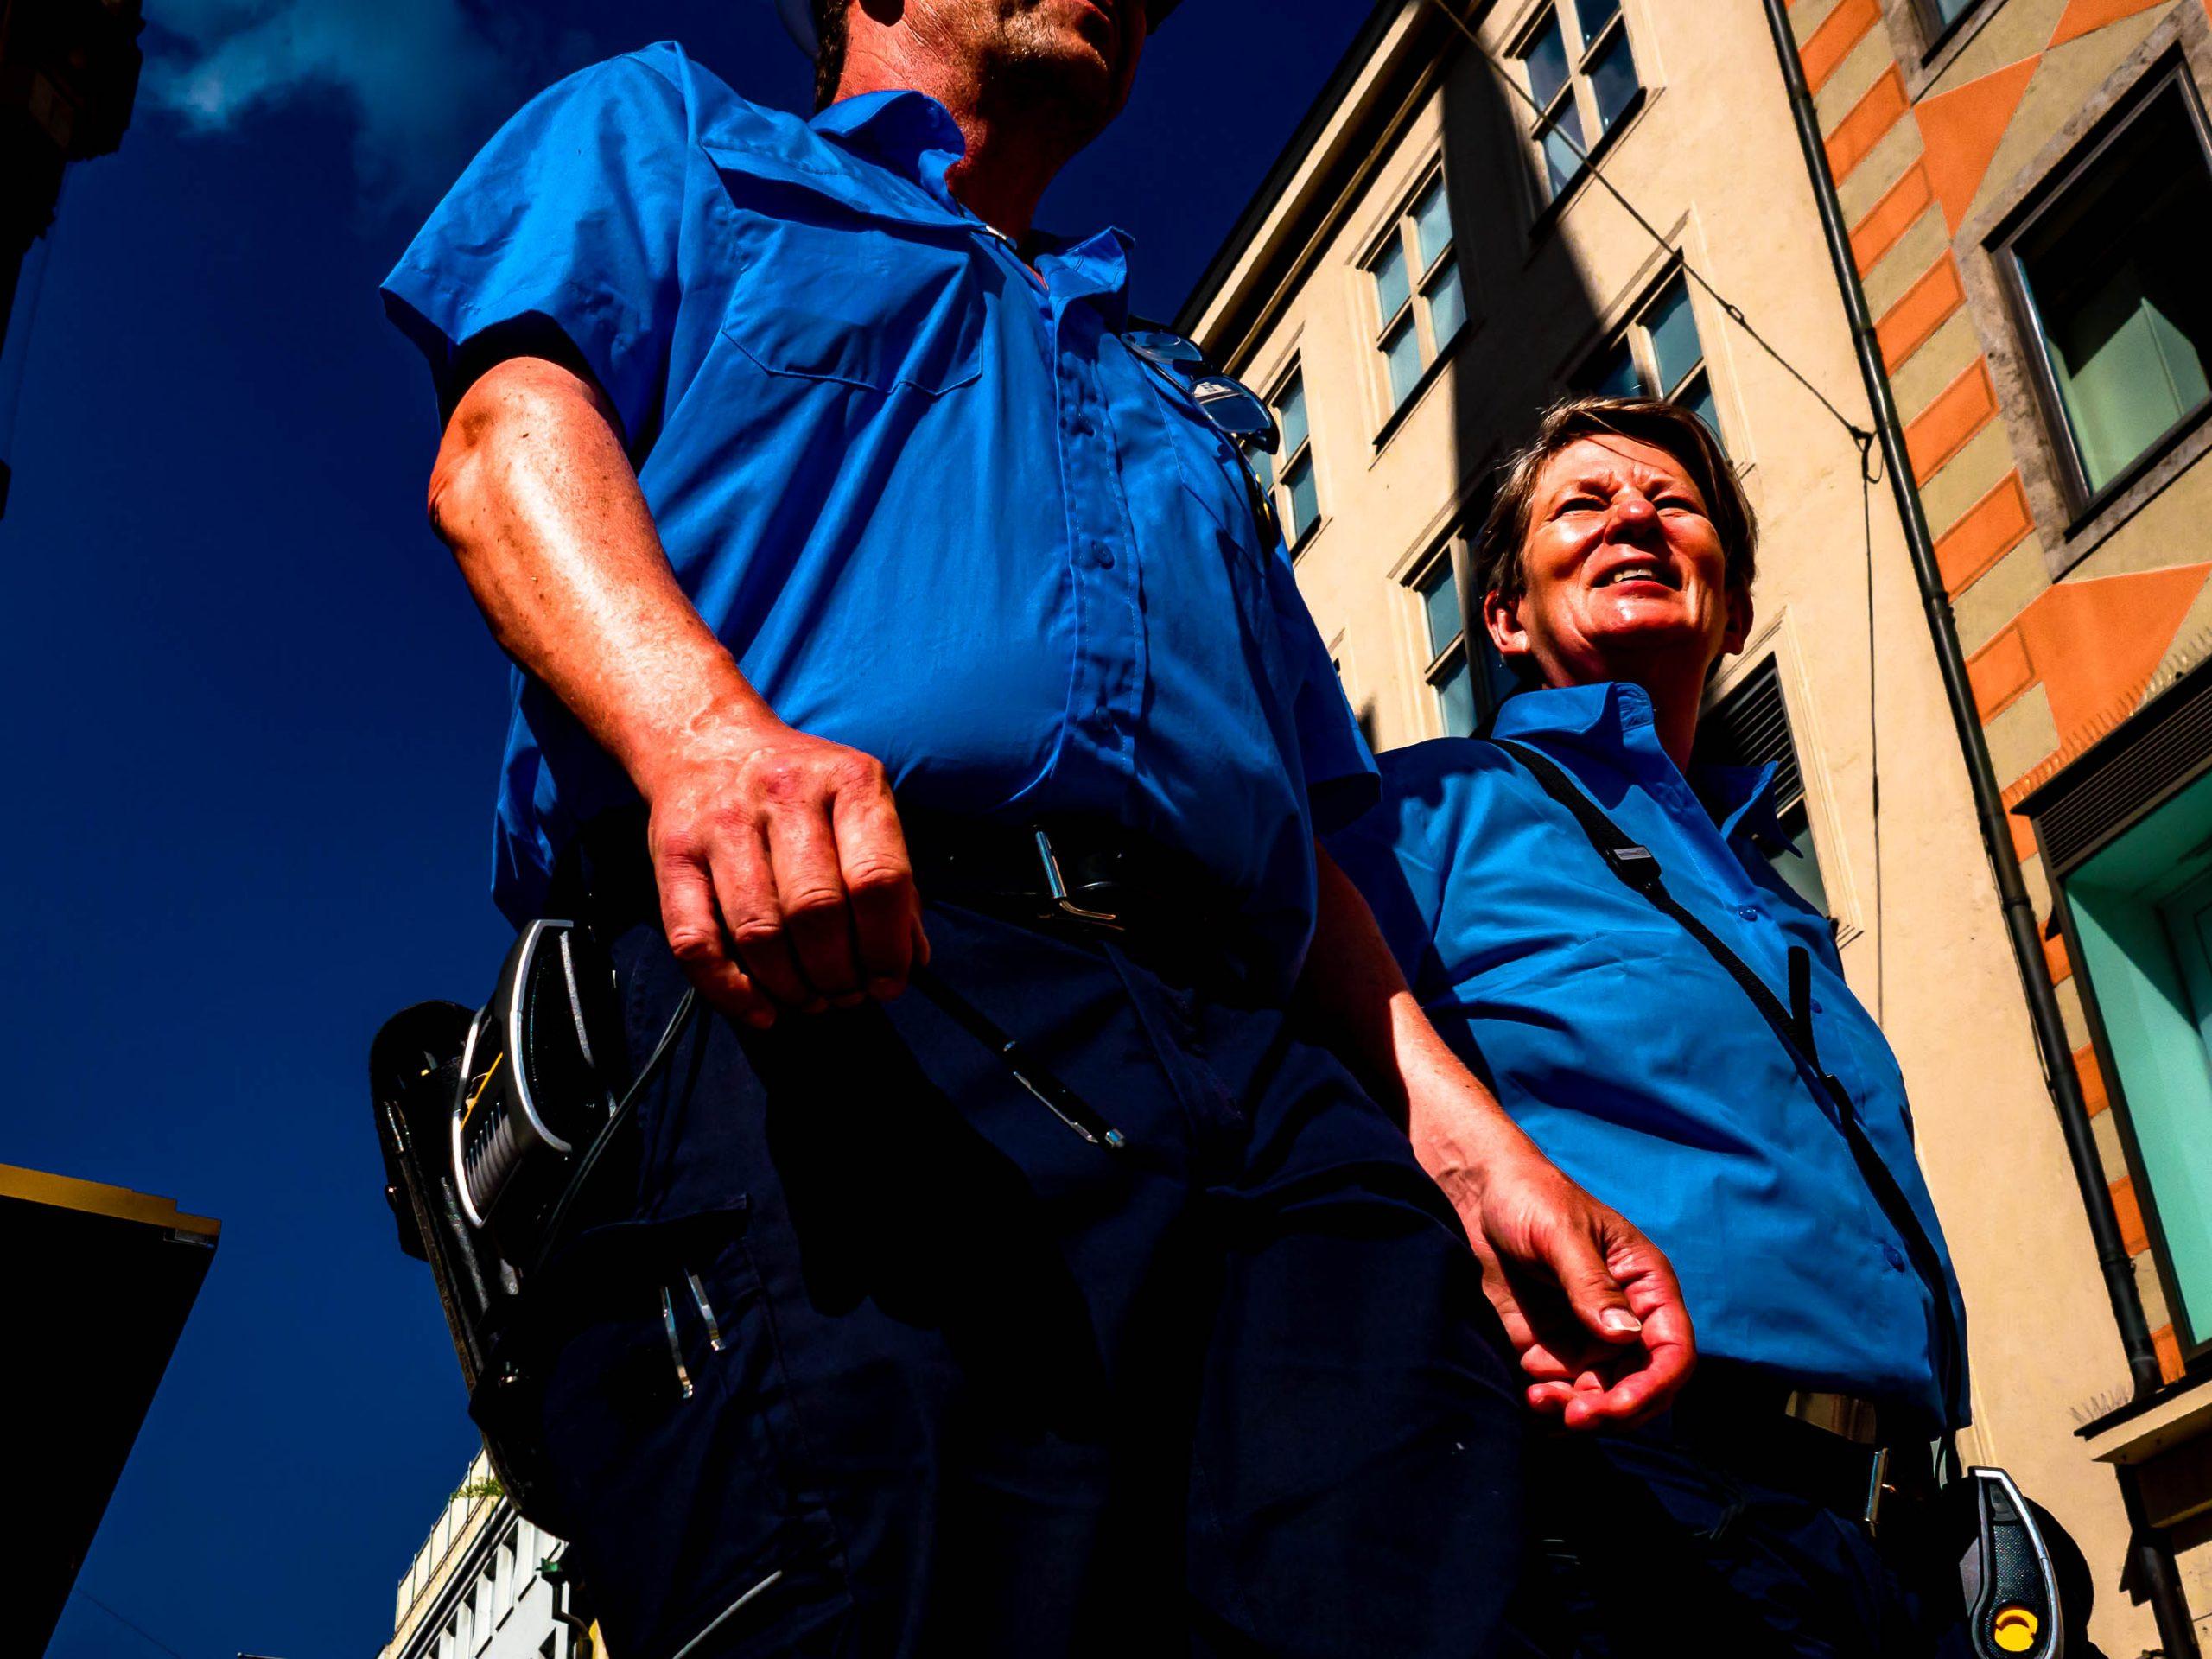 Zwei Polizisten am Marienplatz in München